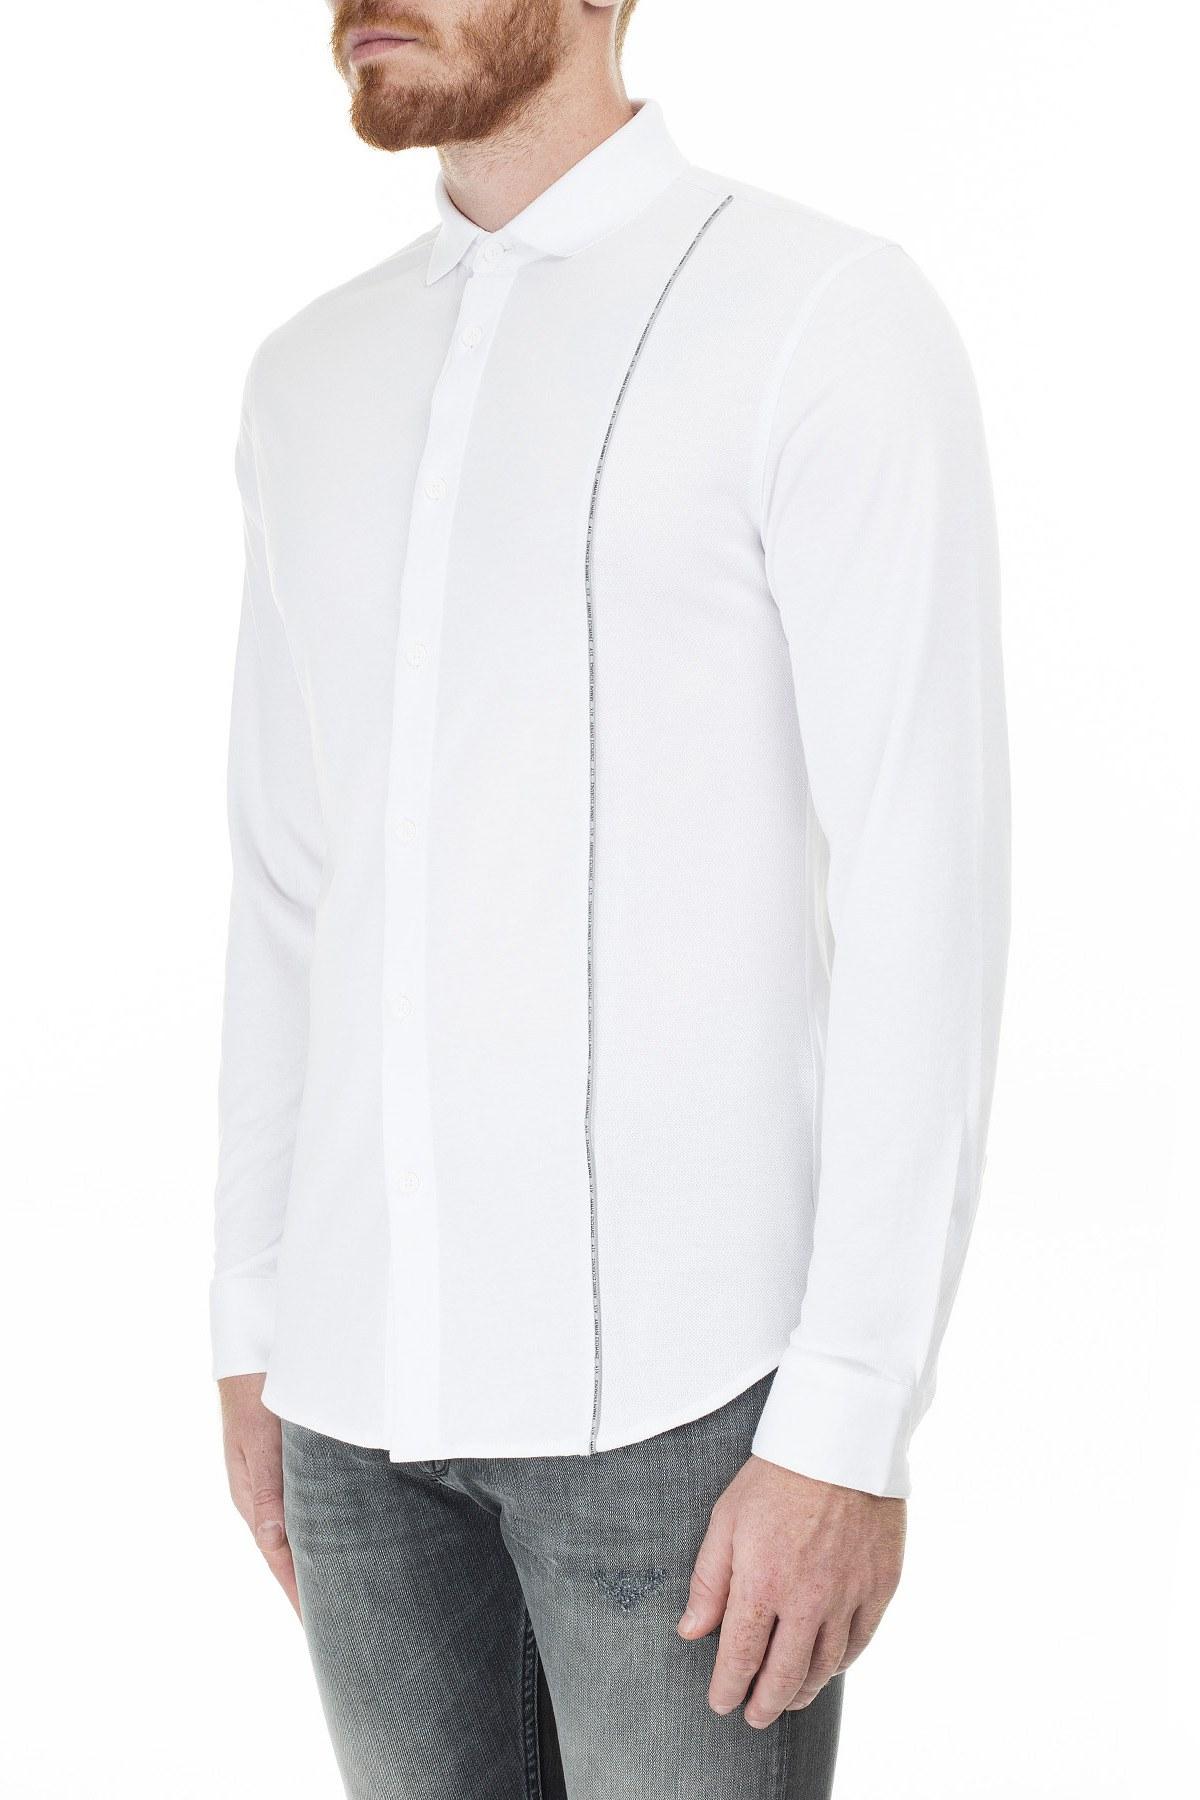 Armani Exchange Logo Baskılı Şerit Regular Fit Uzun Kollu Erkek Gömlek 3HZCGA ZJH4Z 1100 BEYAZ